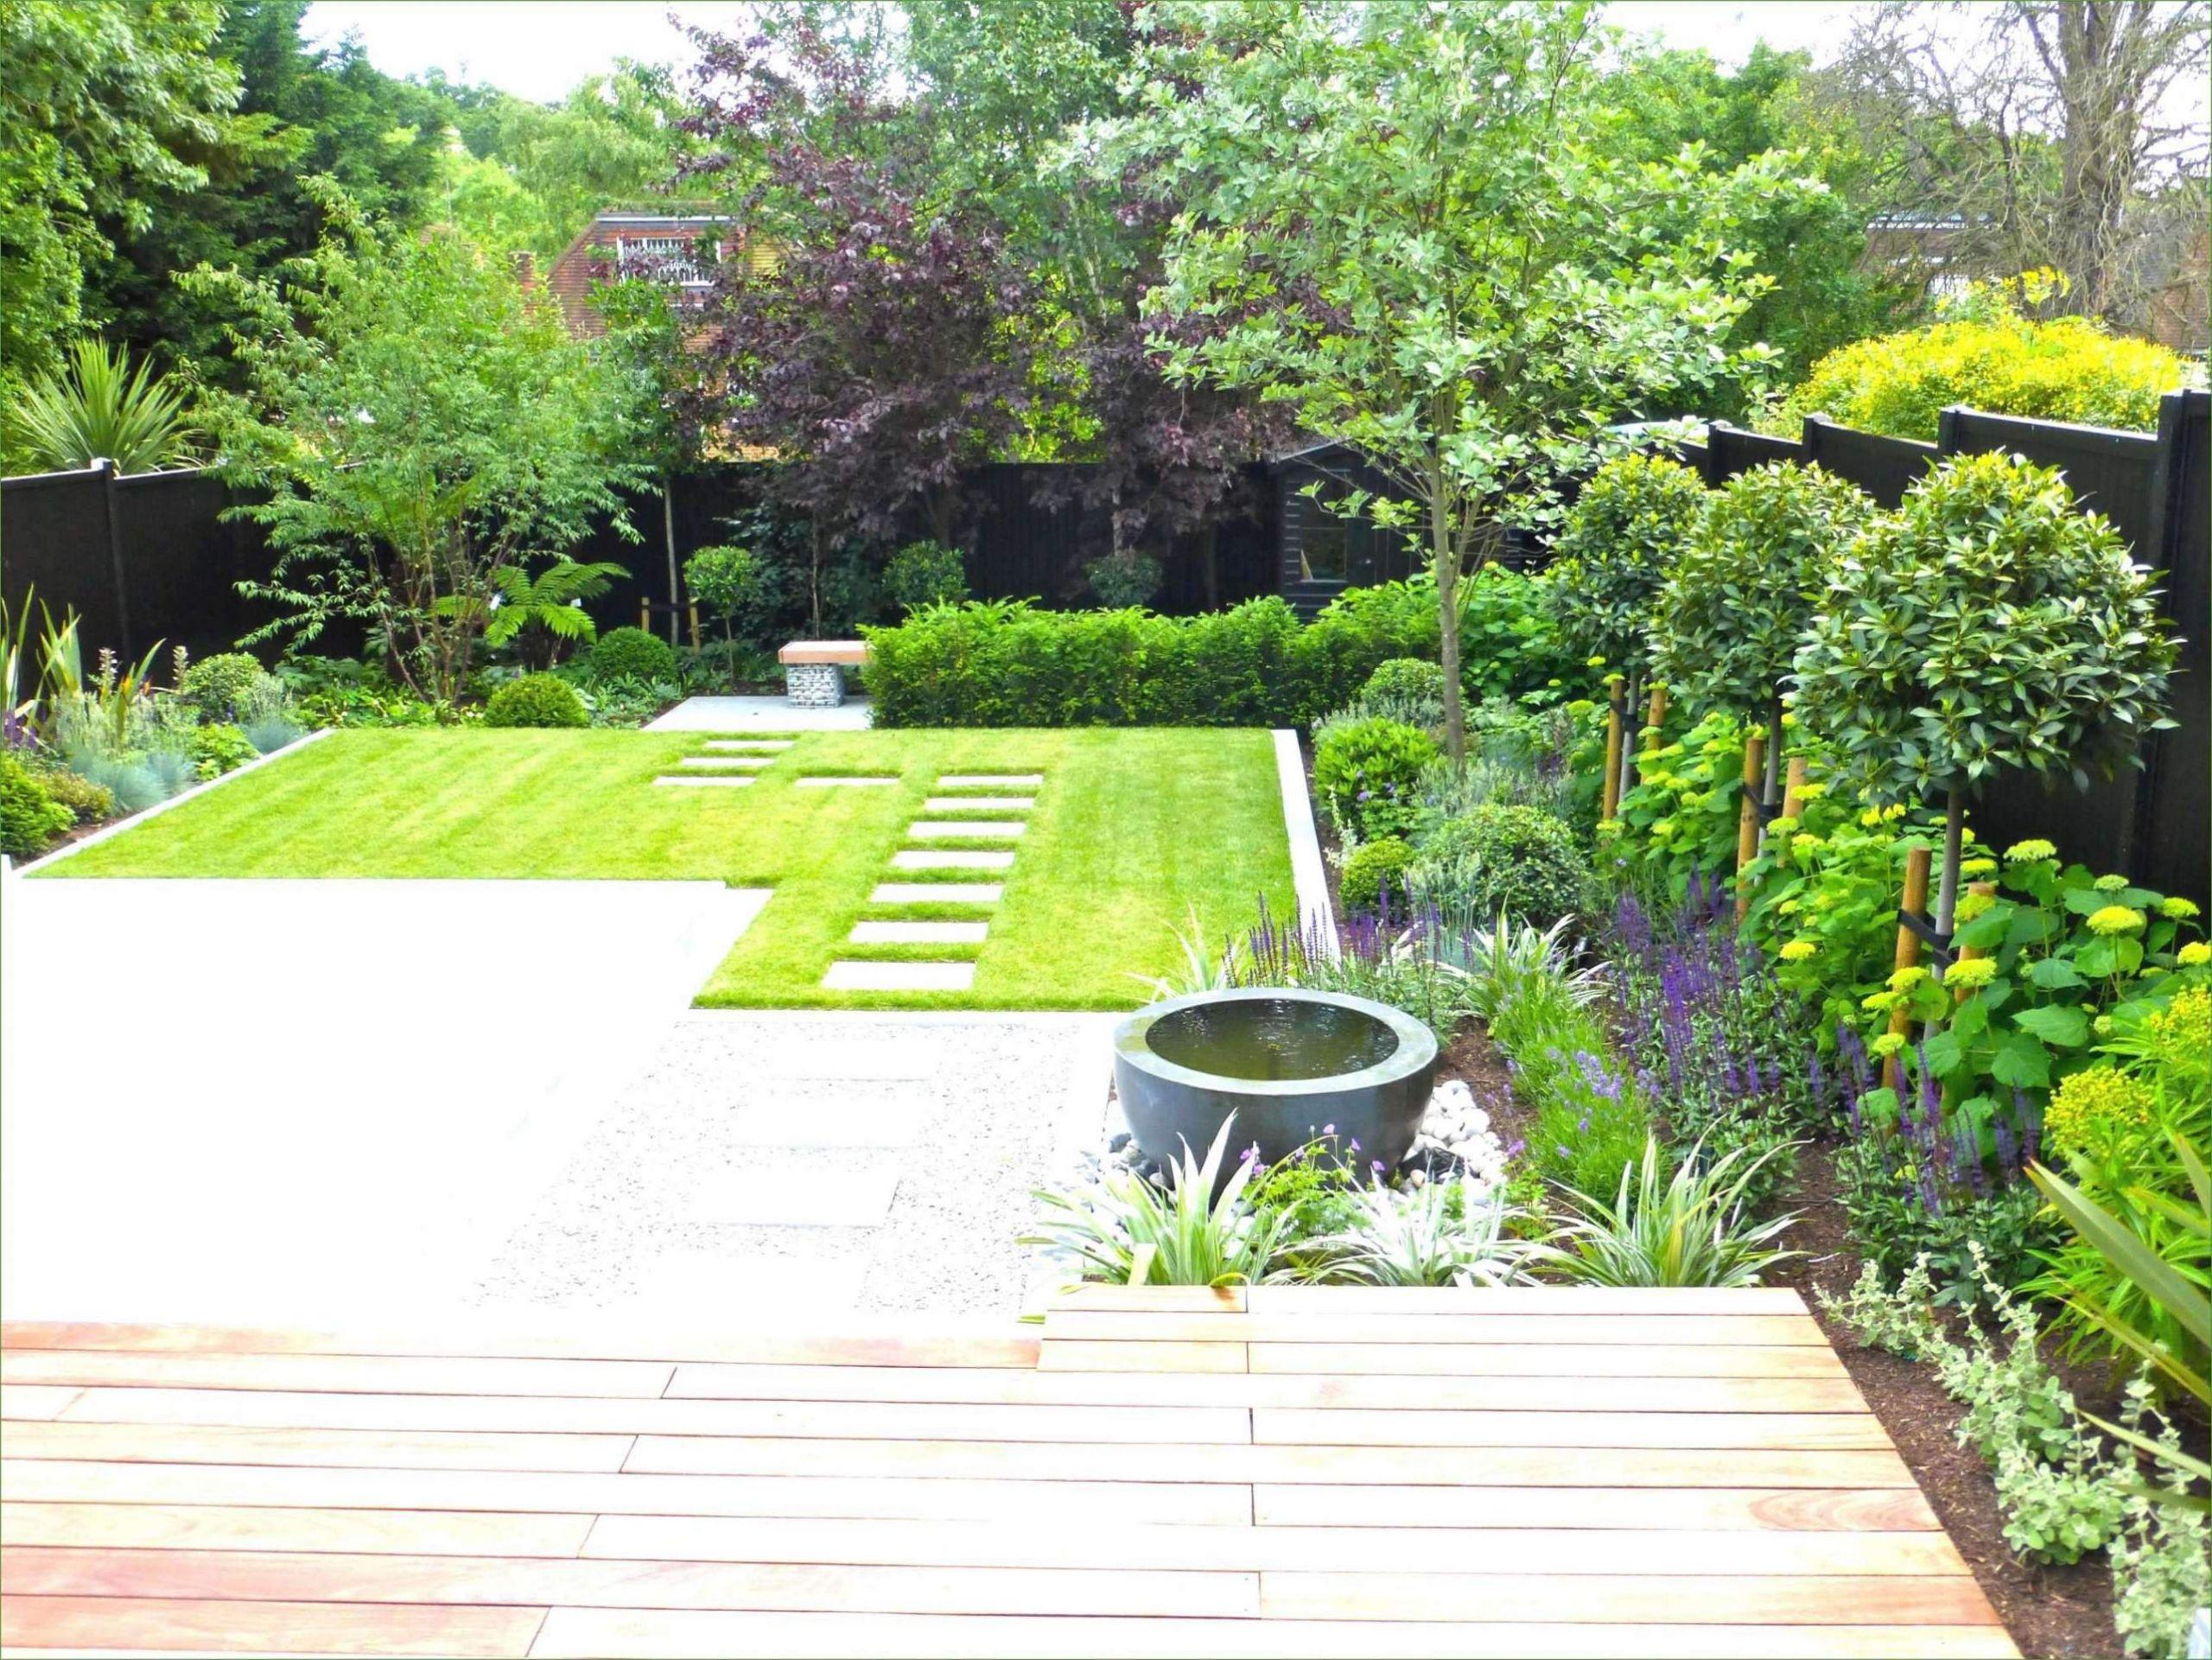 Garten Steine Deko Luxus Gartengestaltung Ideen Mit Steinen — Temobardz Home Blog